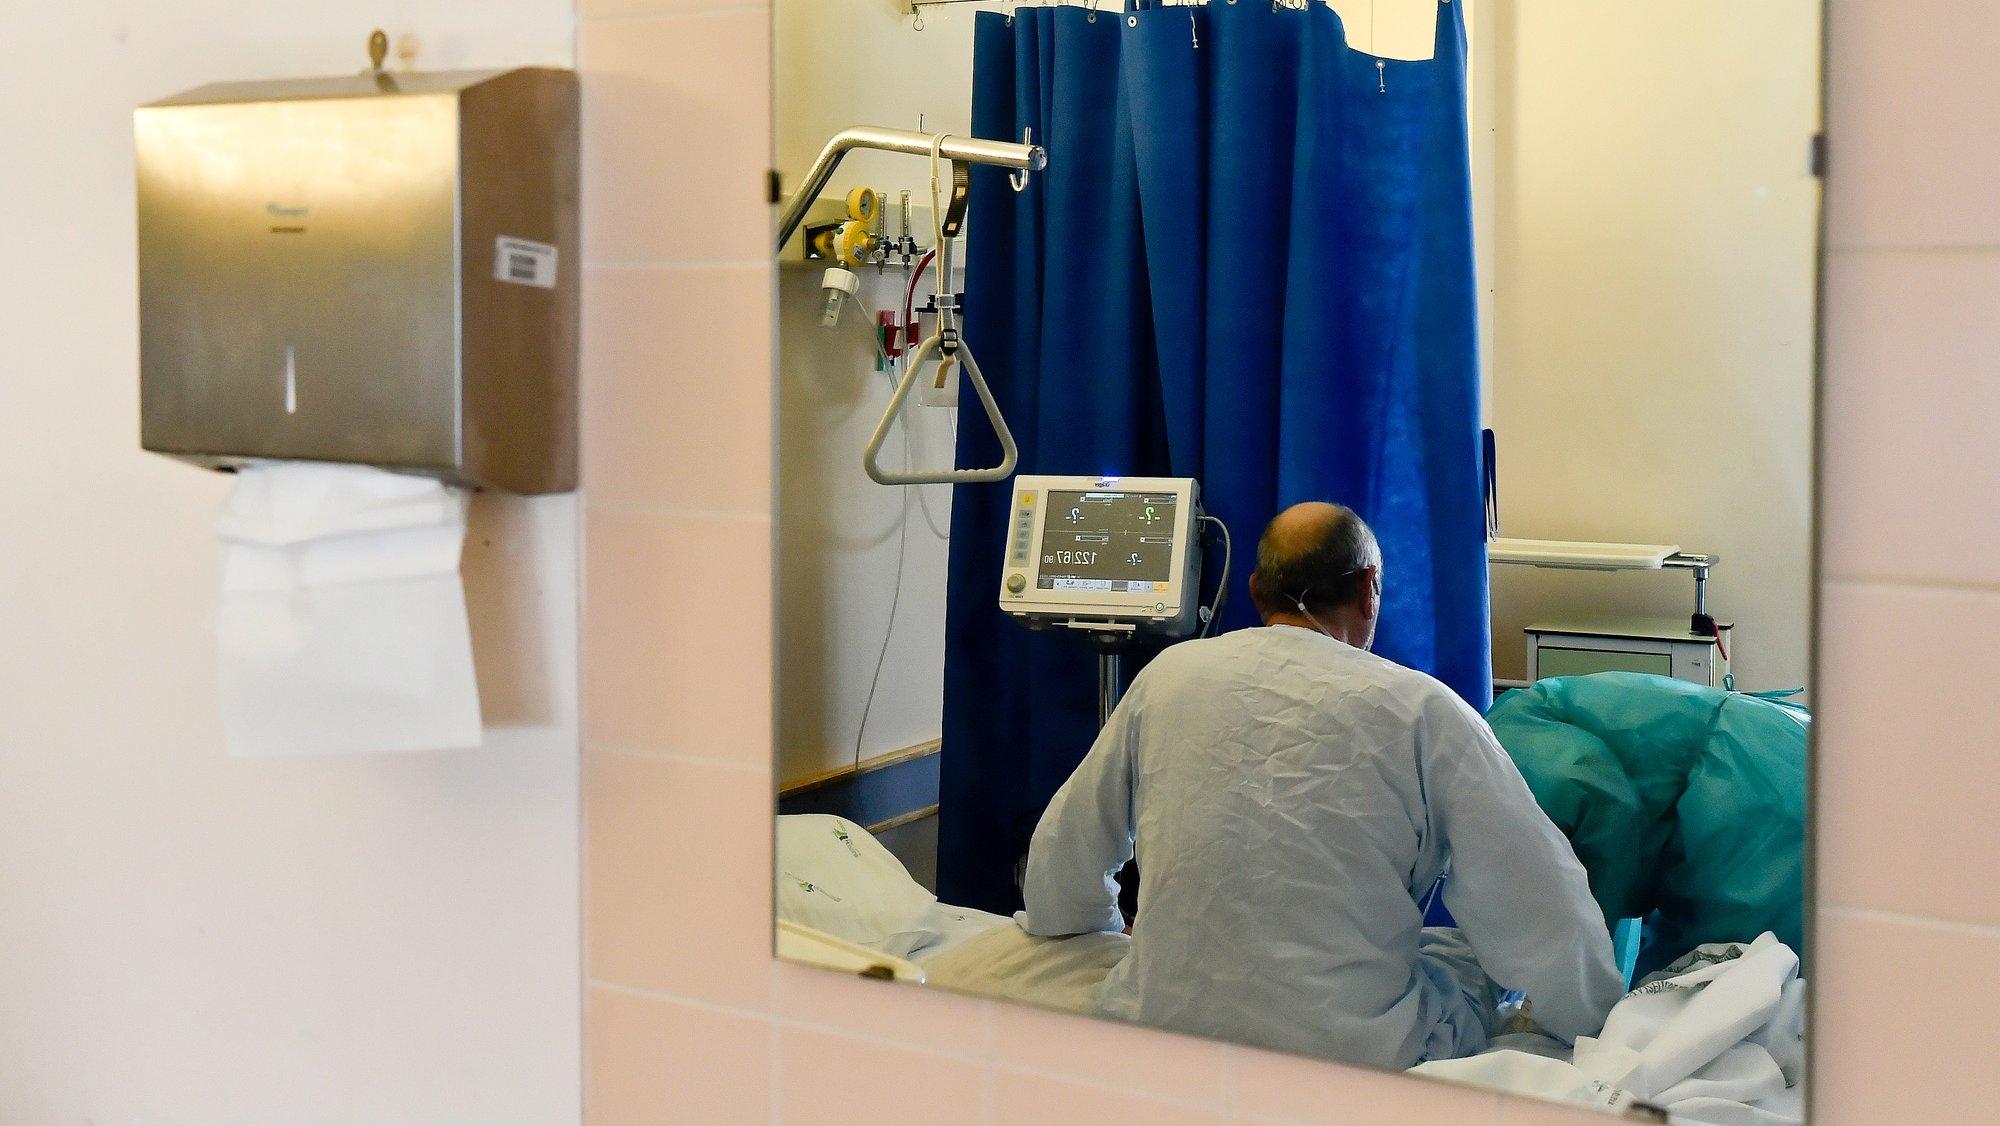 Um doente infetado com coronavírus (covid-19) na enfermaria do piso 7 do Centro Hospitalar Tondela Viseu (CHTV) , dedicado ao tratamento de doentes com covid-19, em Viseu, 09 de março de 2021. (ACOMPANHA TEXTO DA LUSA DO DIA 10 DE MARÇO DE 2021). NUNO ANDRÉ FERREIRA/LUSA